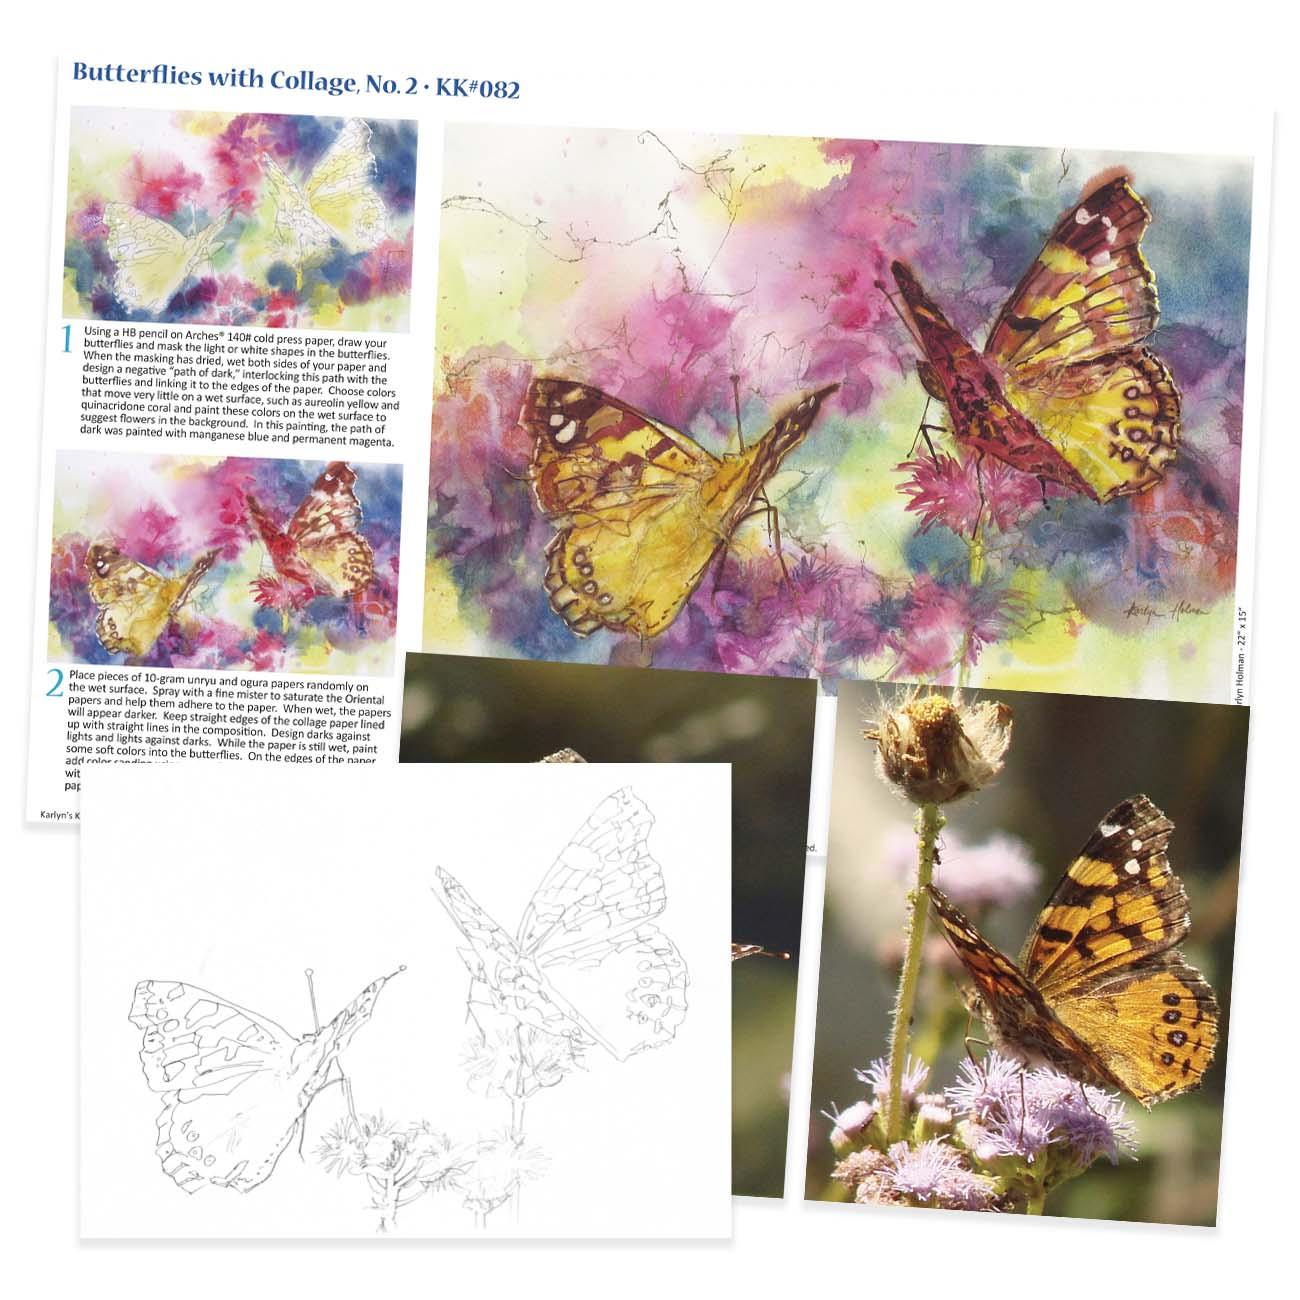 KK082 - Butterflies Collage No. II